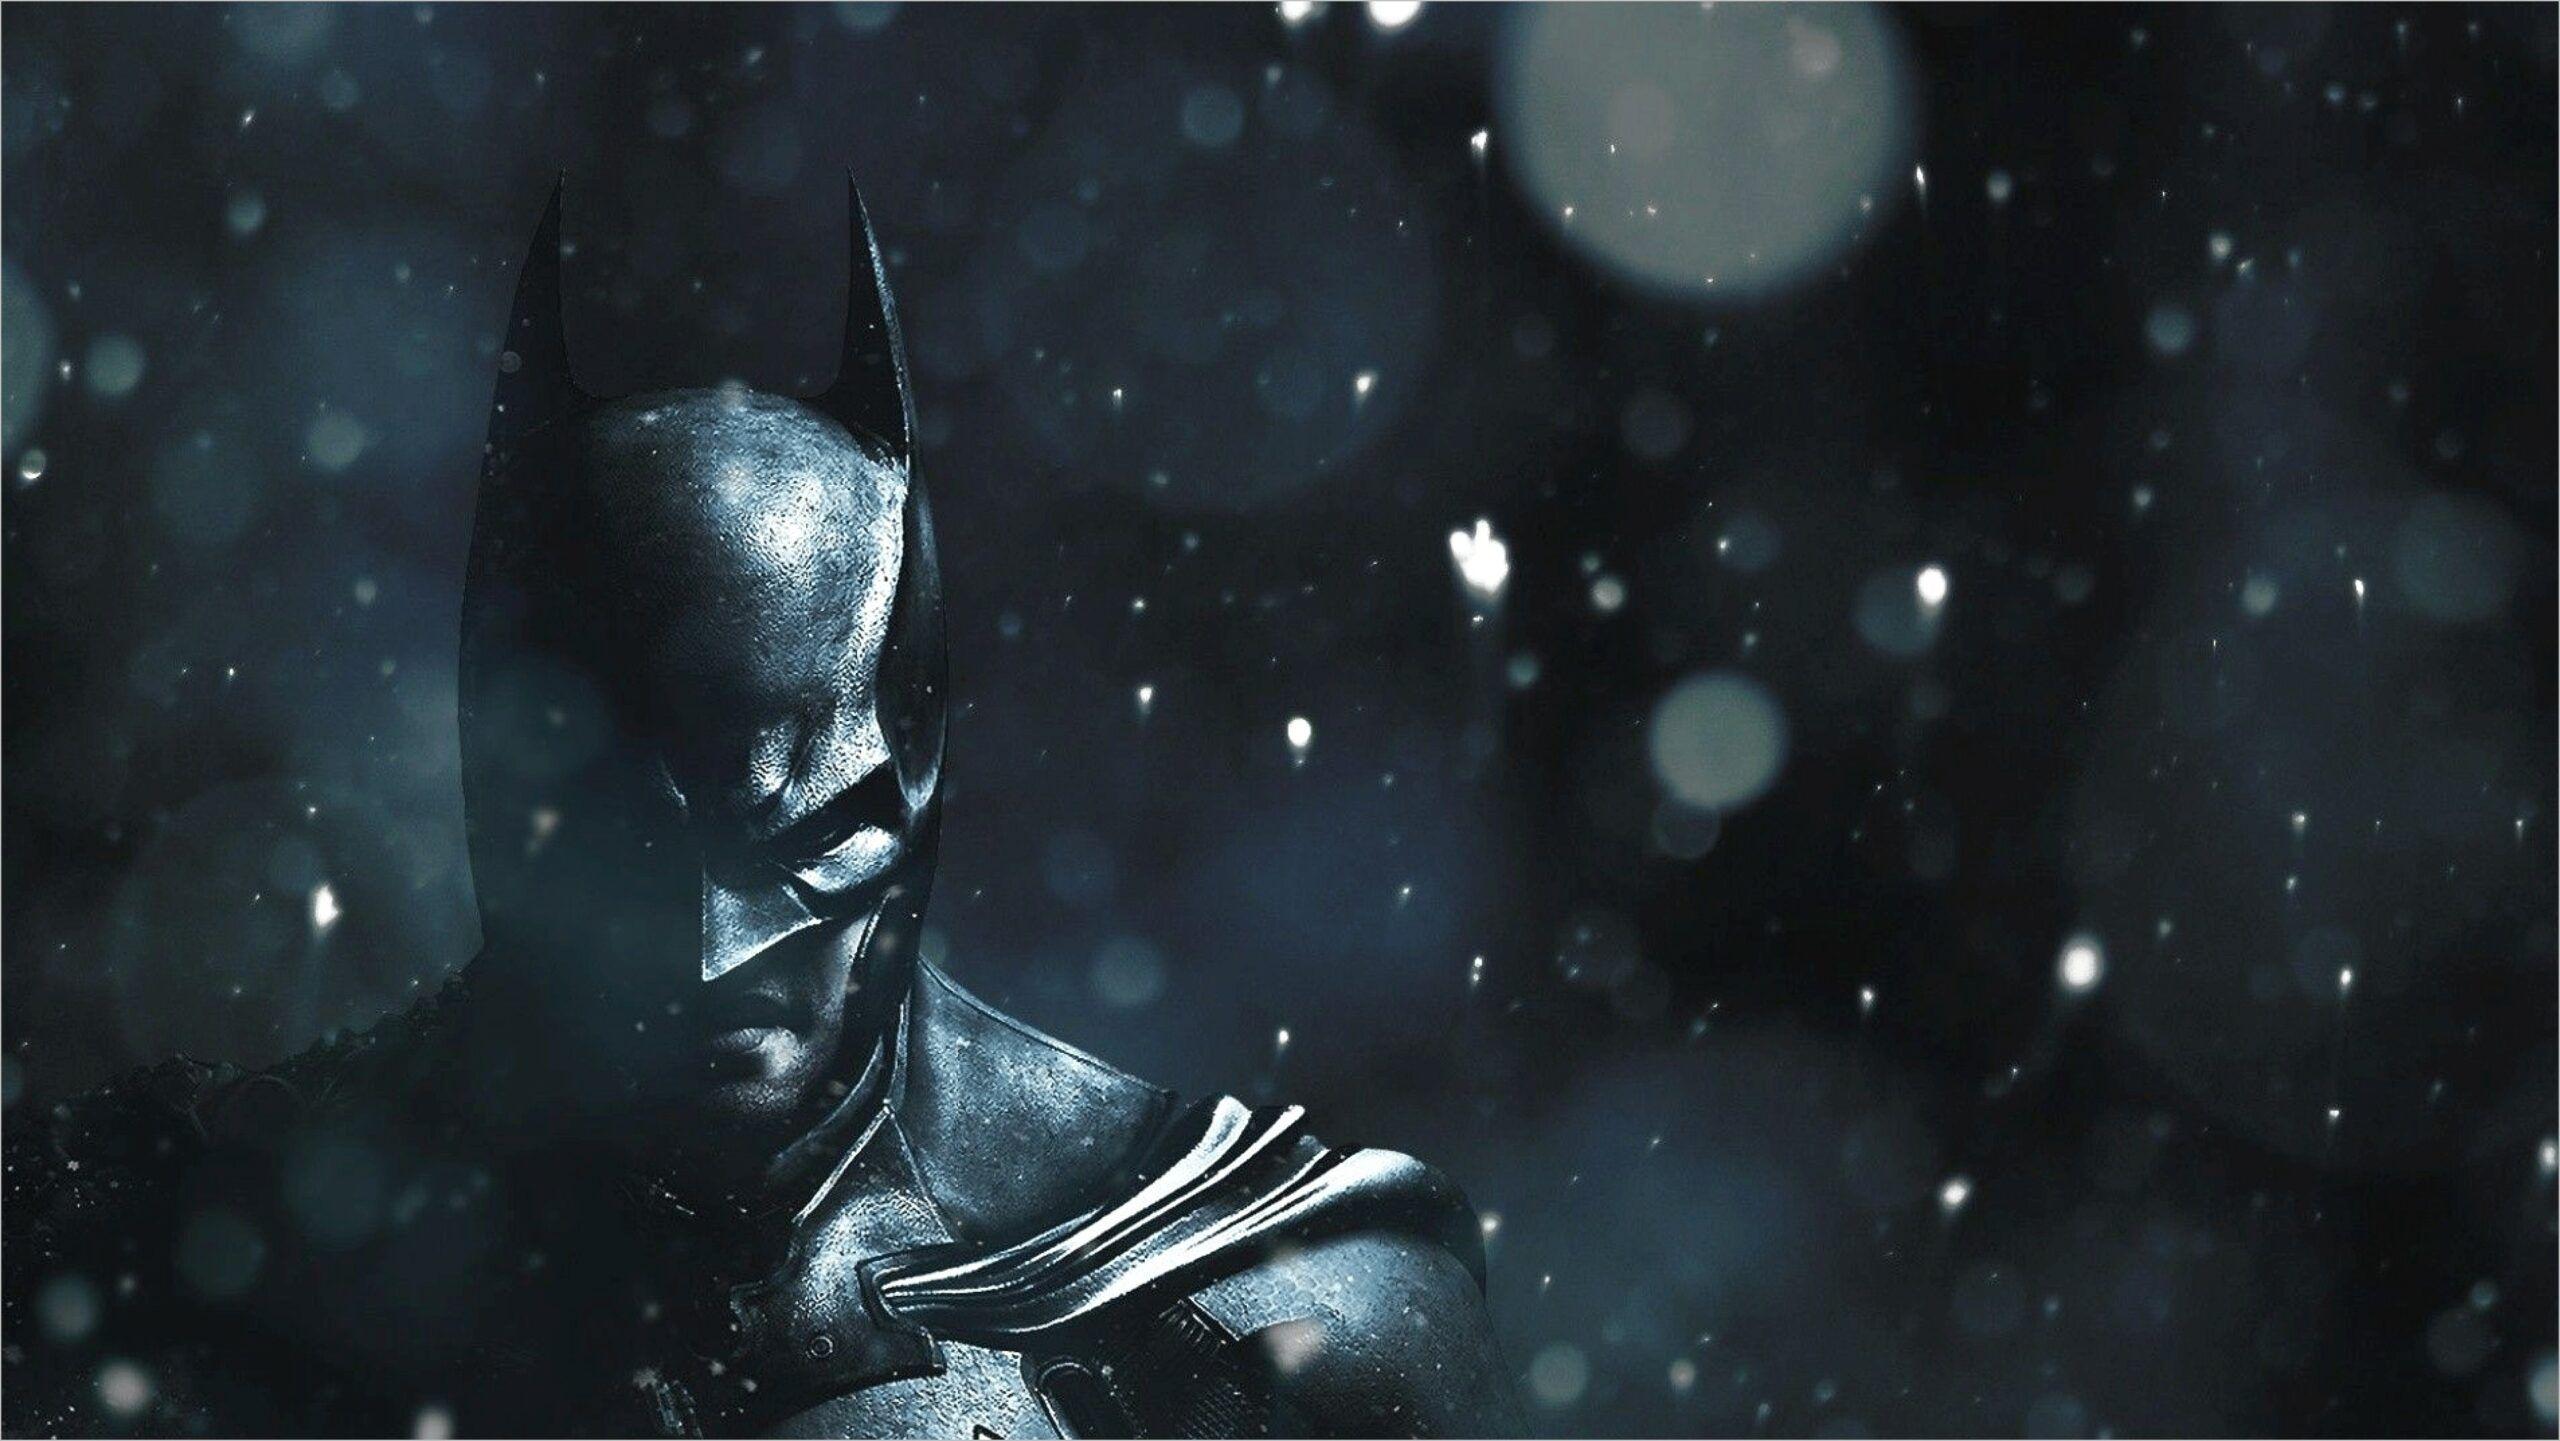 Batman Mobil 4k Wallpapers For Pc In 2020 Batman Wallpaper Dc Comics Wallpaper Batman